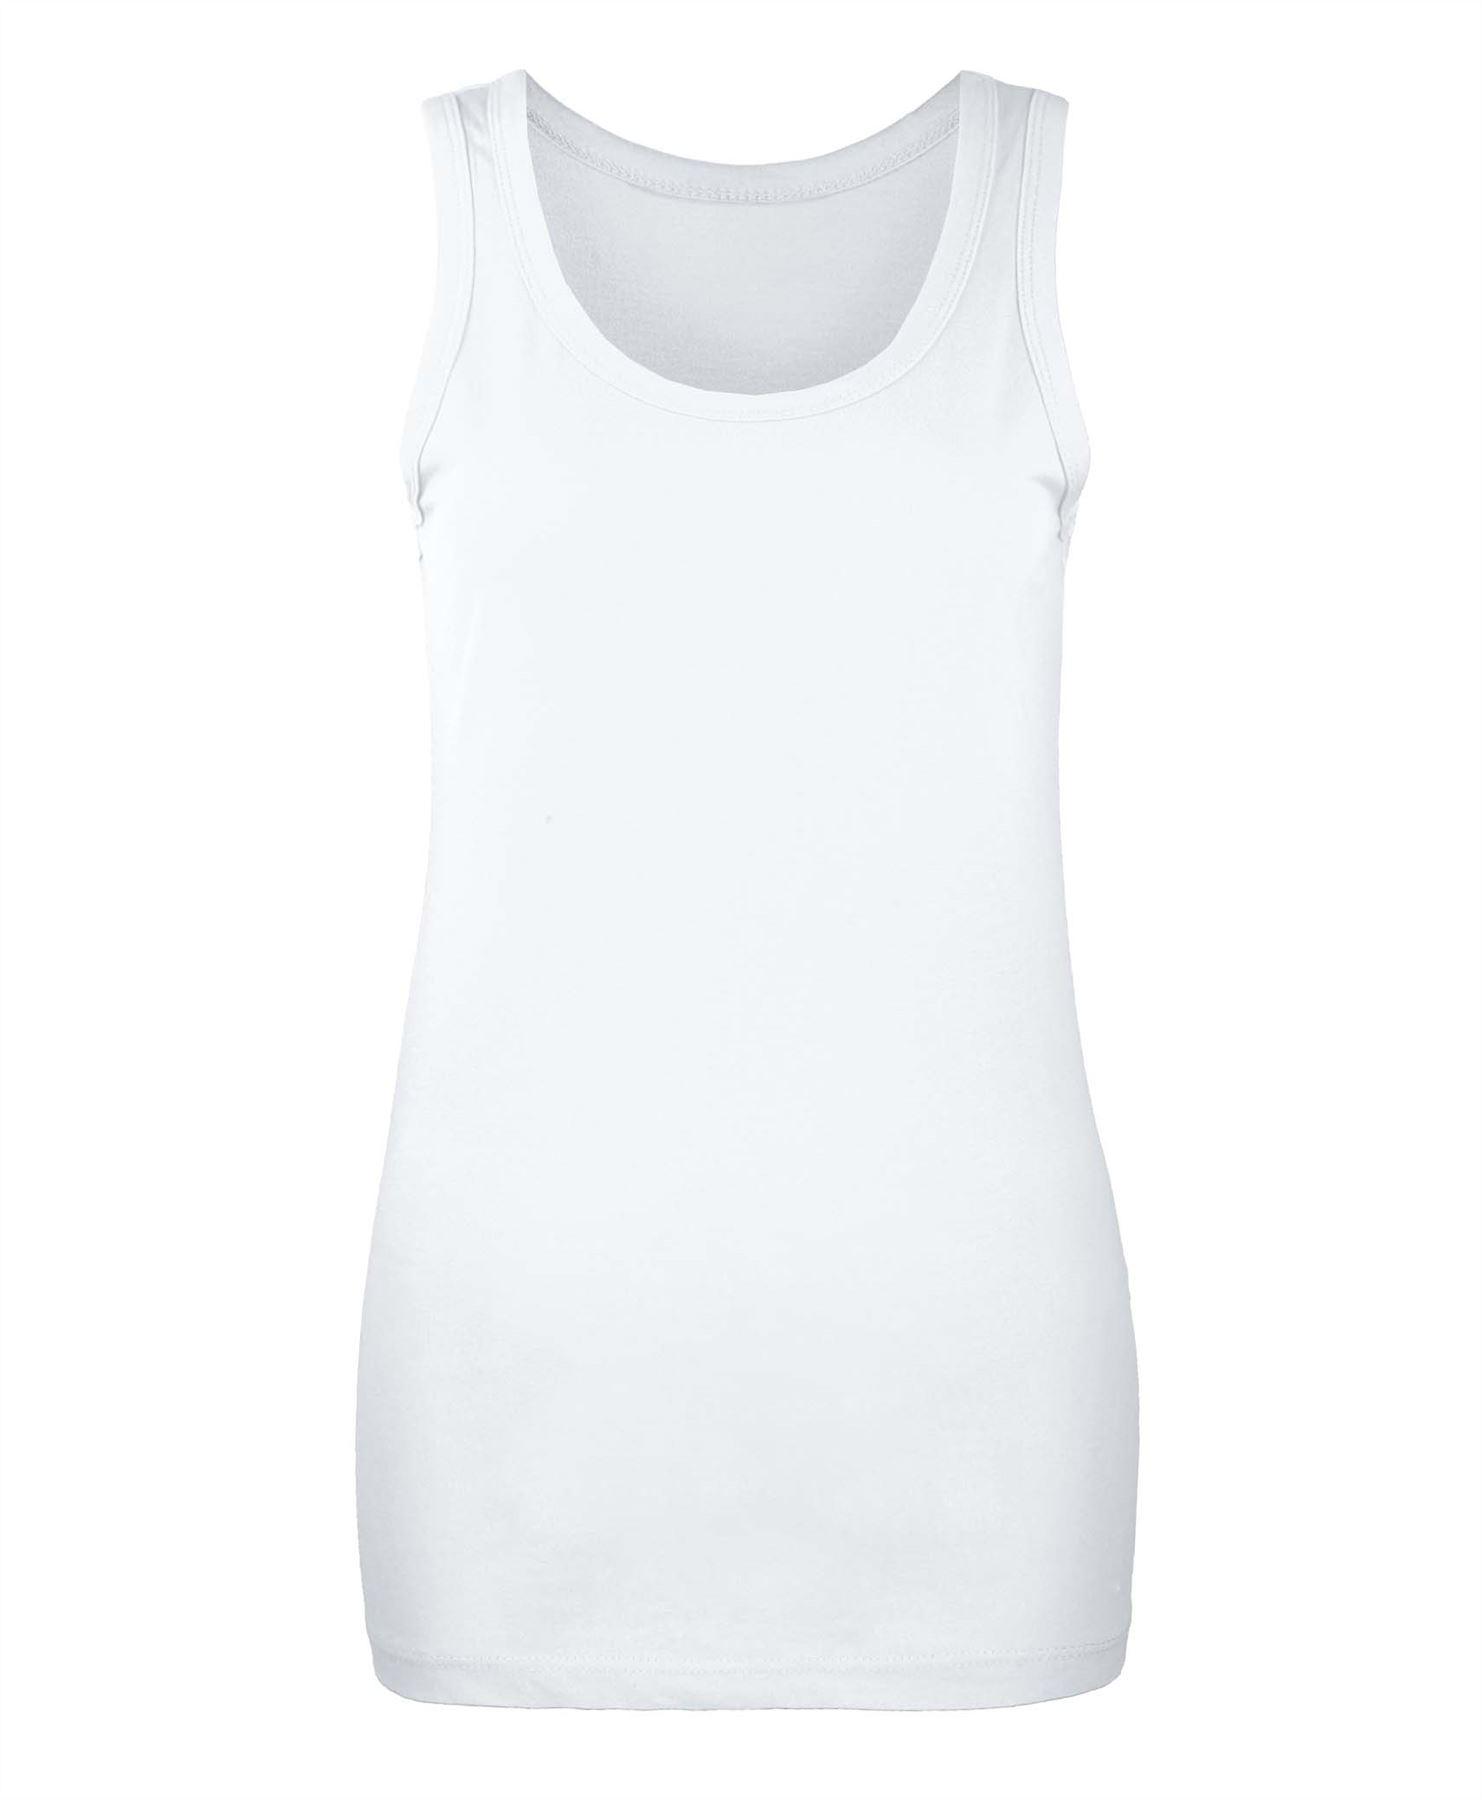 Ladies Slim Fit Plain Vest Top Womens Basic Cotton T Shirt